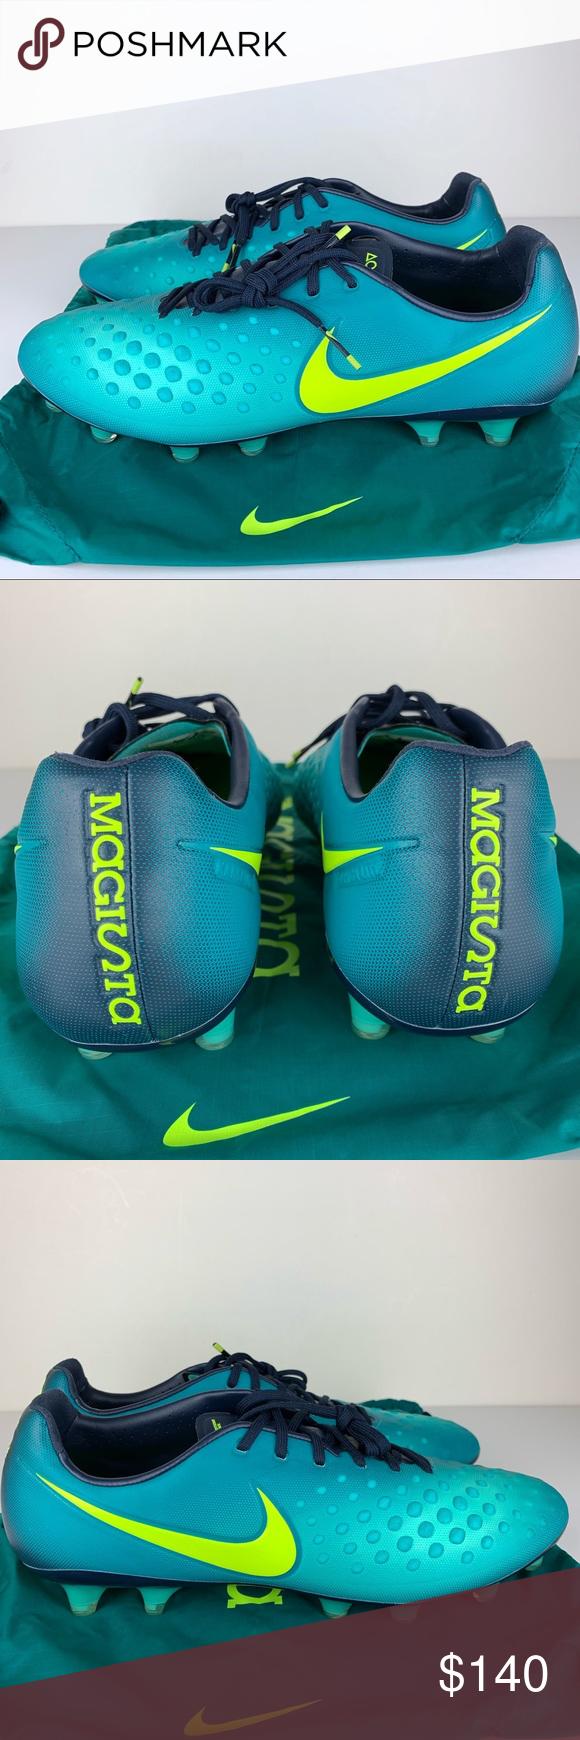 Nike Magista Opus II FG ACC Teal Blue Soccer Cleat Nike